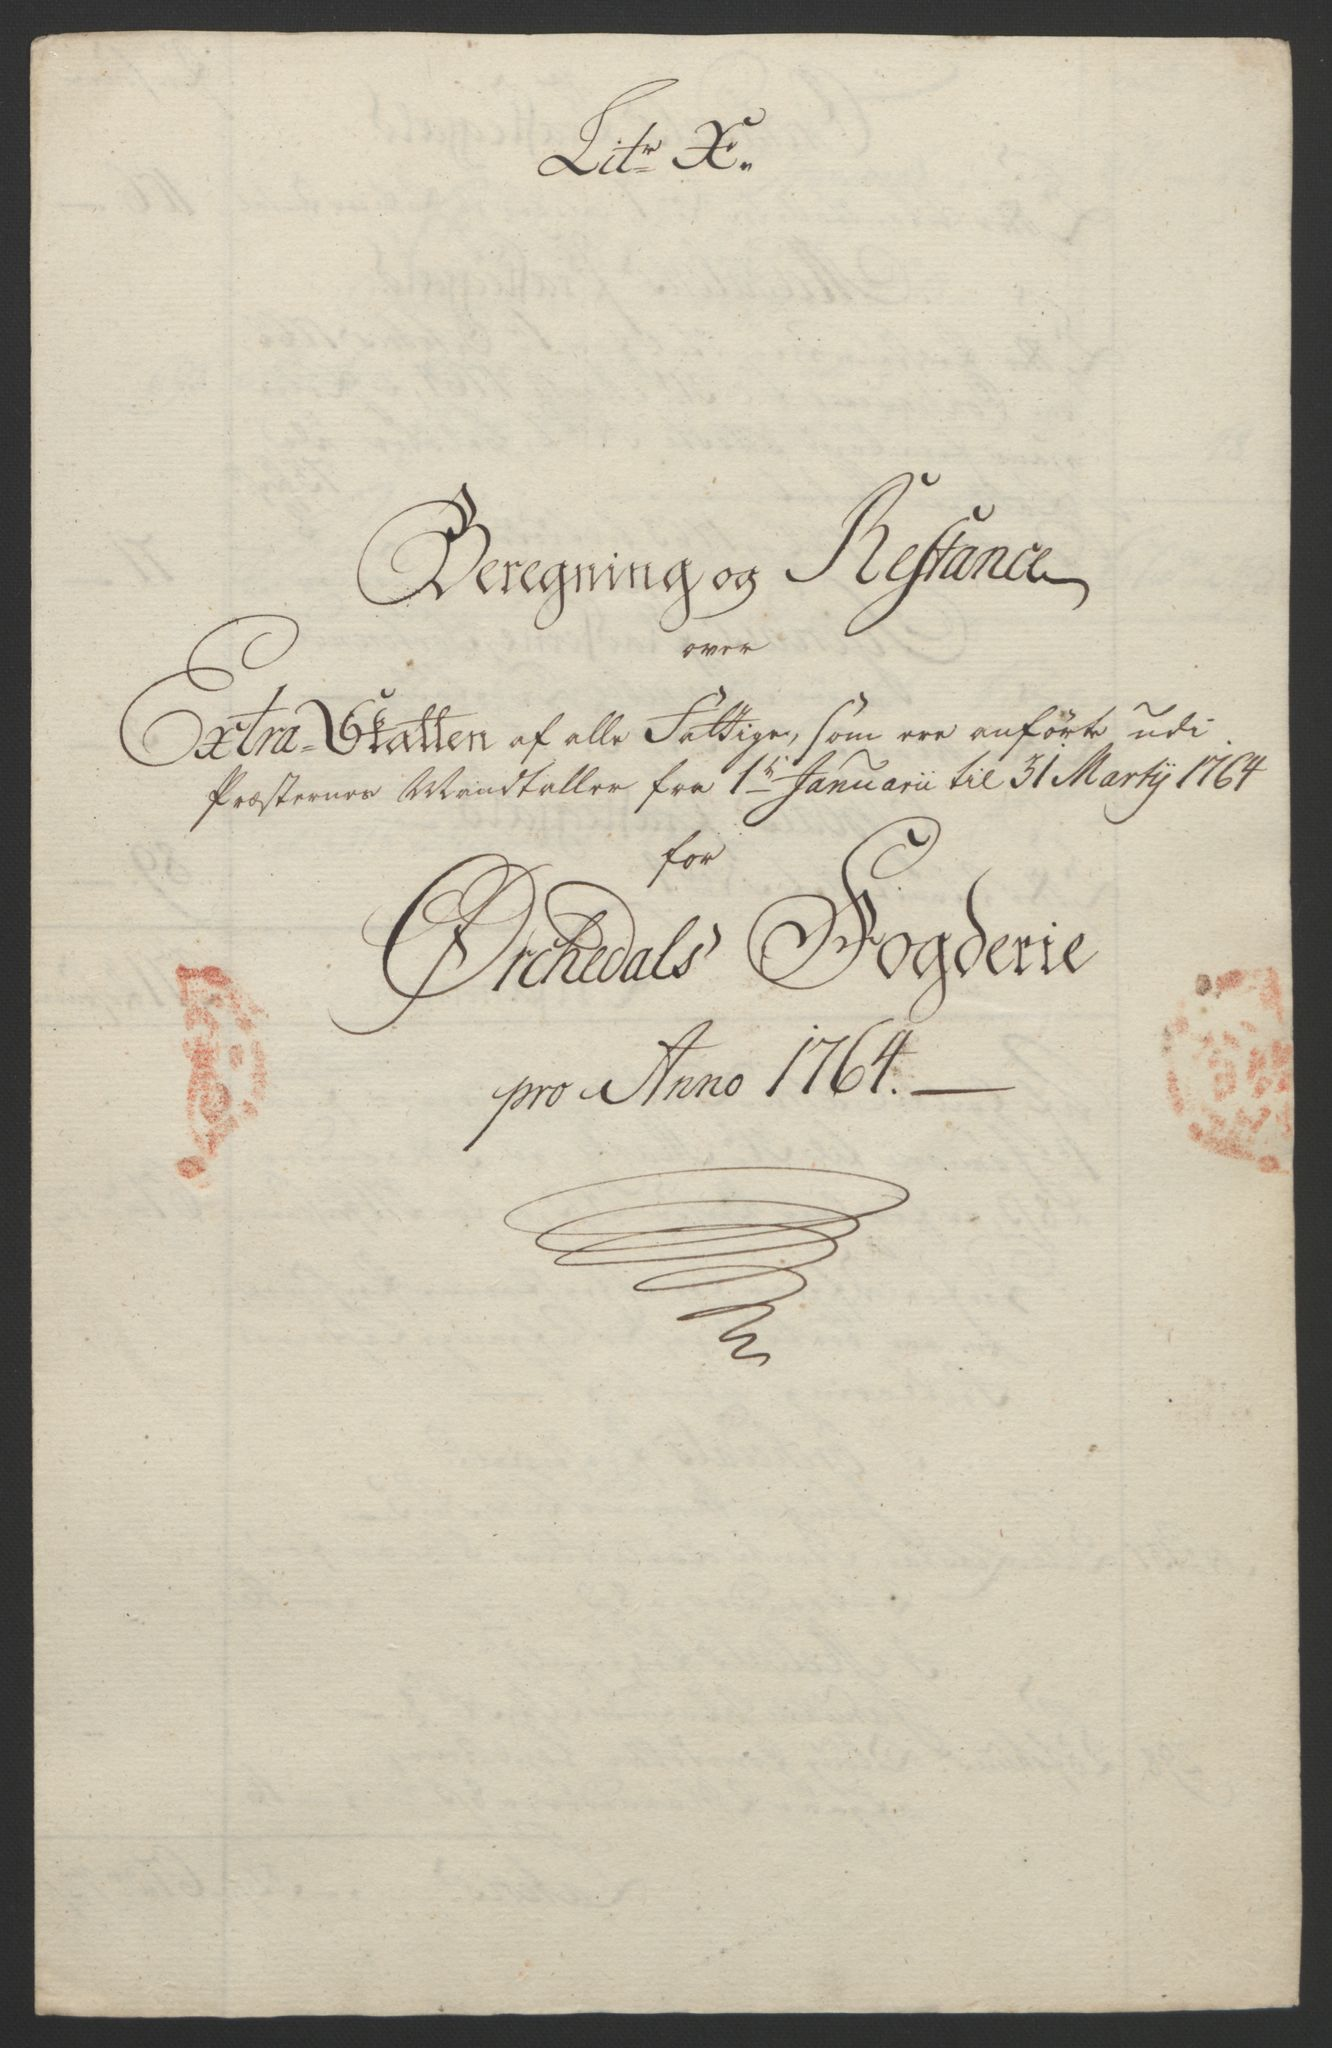 RA, Rentekammeret inntil 1814, Reviderte regnskaper, Fogderegnskap, R60/L4094: Ekstraskatten Orkdal og Gauldal, 1762-1765, s. 206